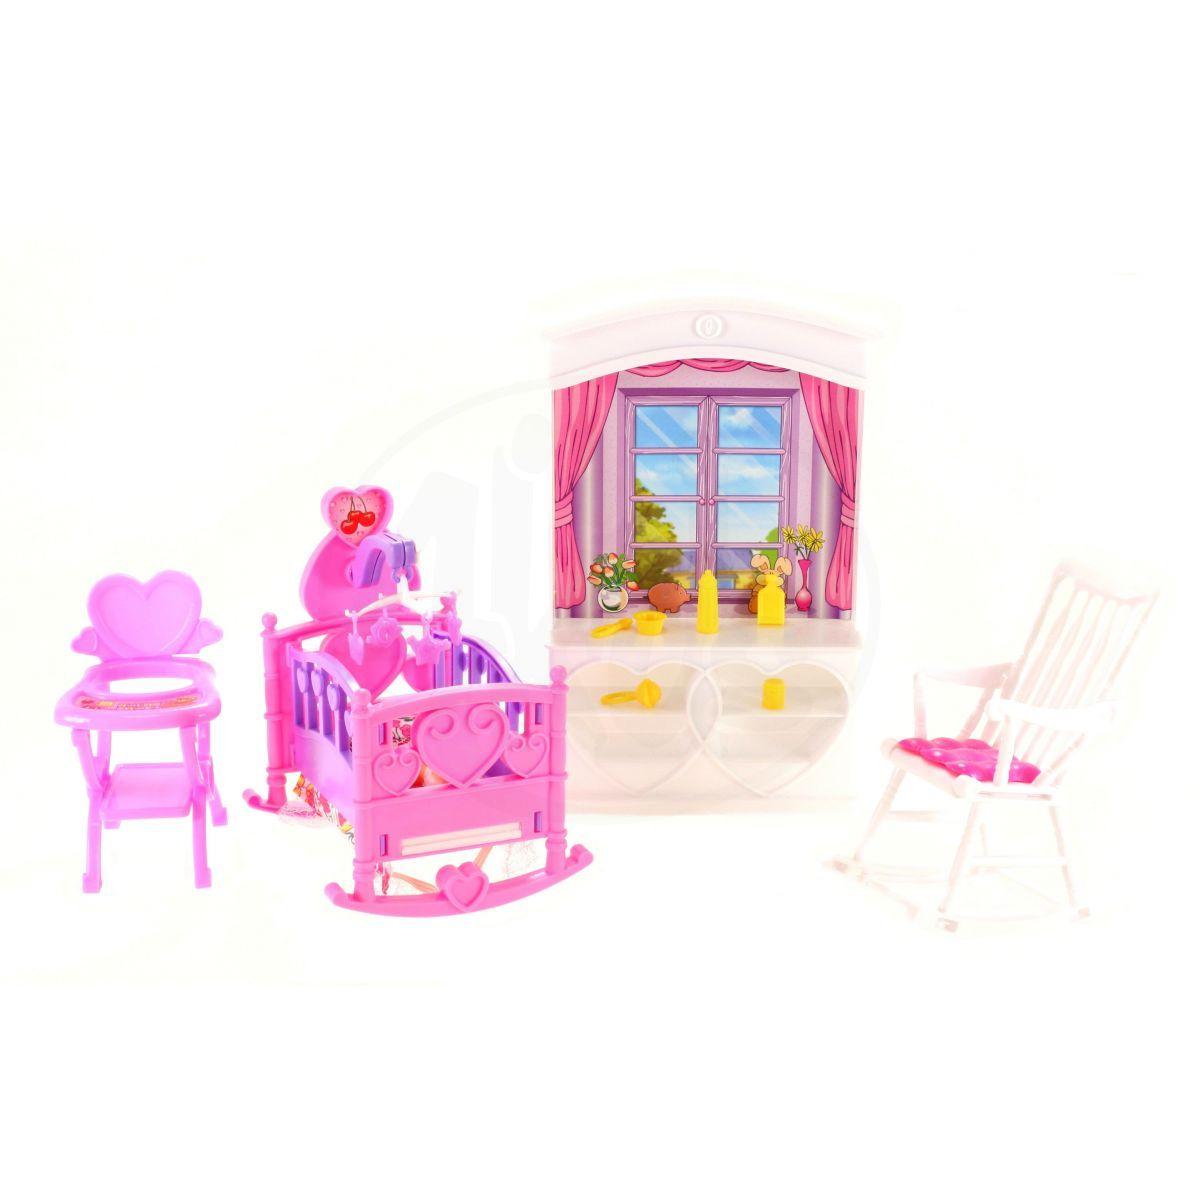 Glorie dětský pokojíček pro panenky typu Barbie